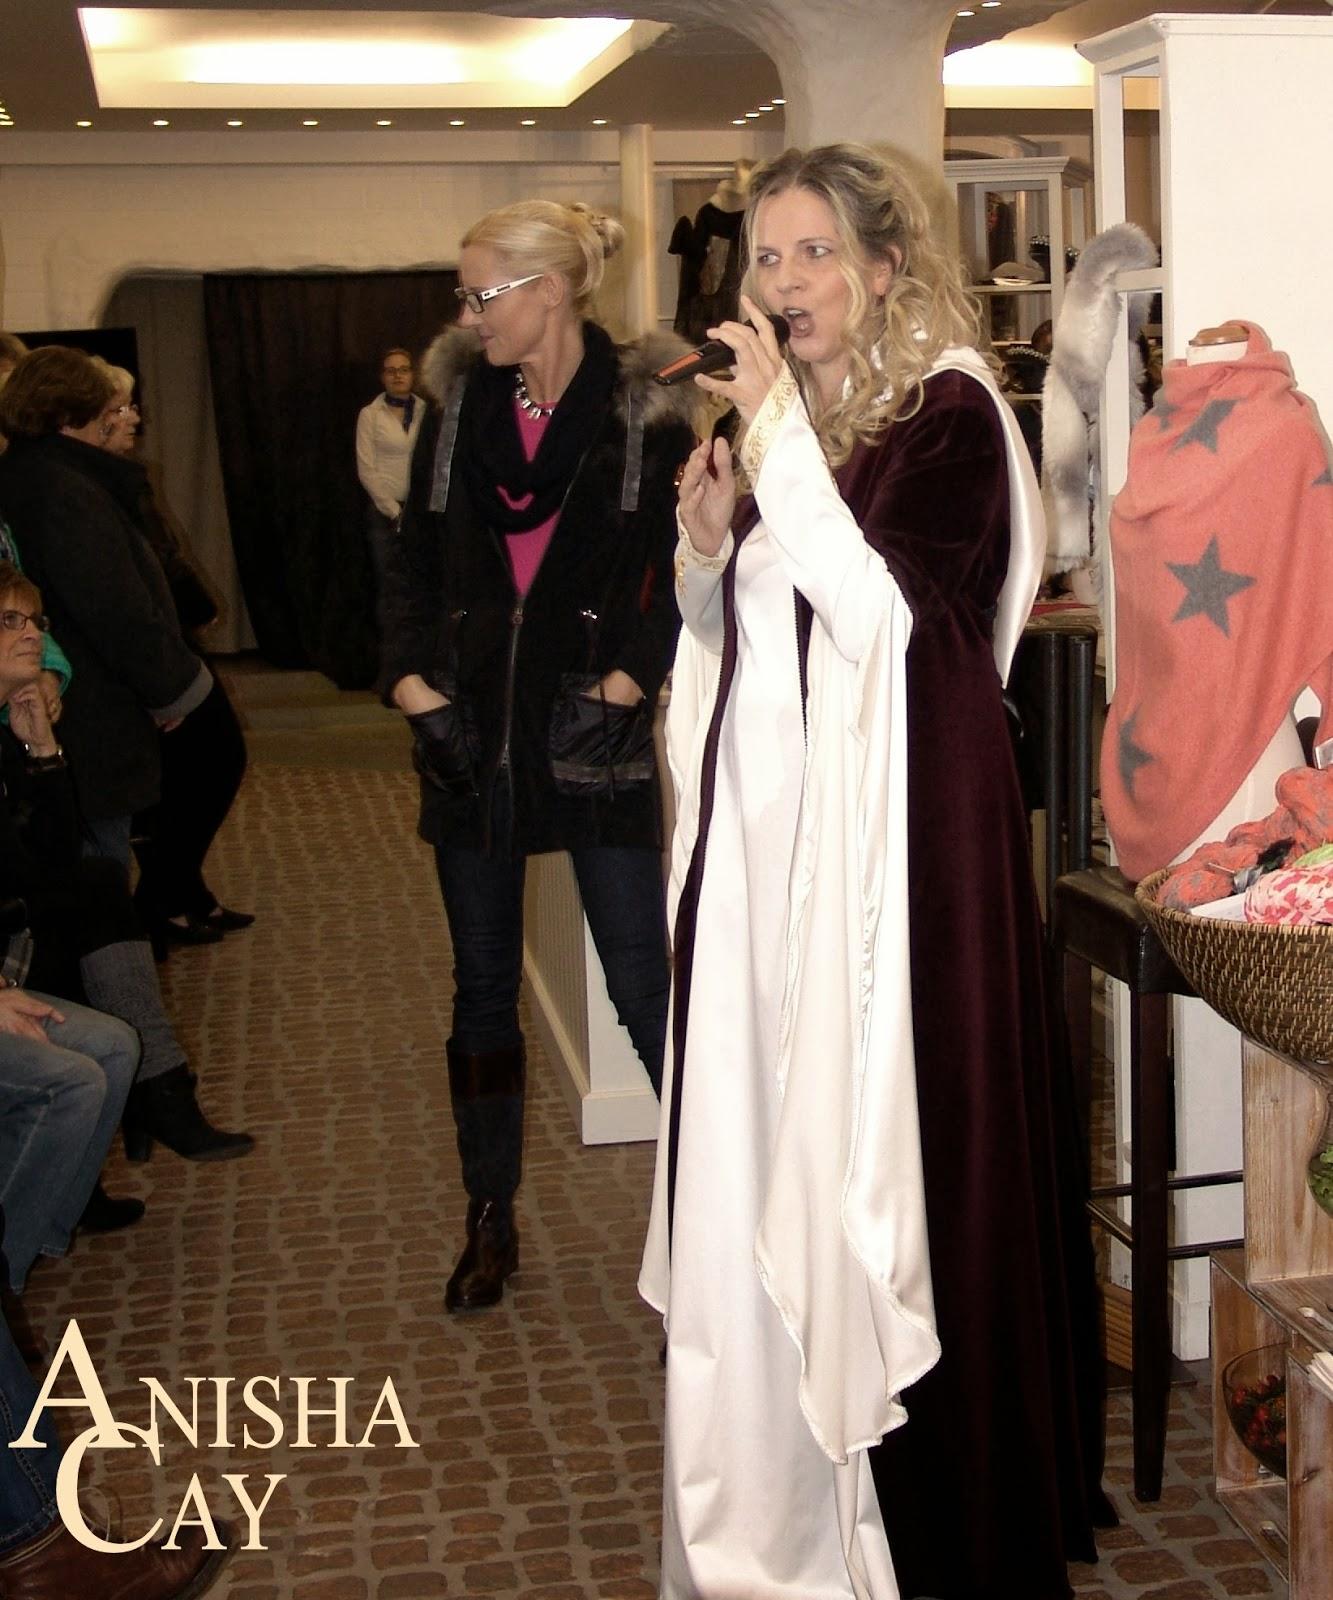 anisha cay bei modenschau von kat walk in gl cksburg. Black Bedroom Furniture Sets. Home Design Ideas